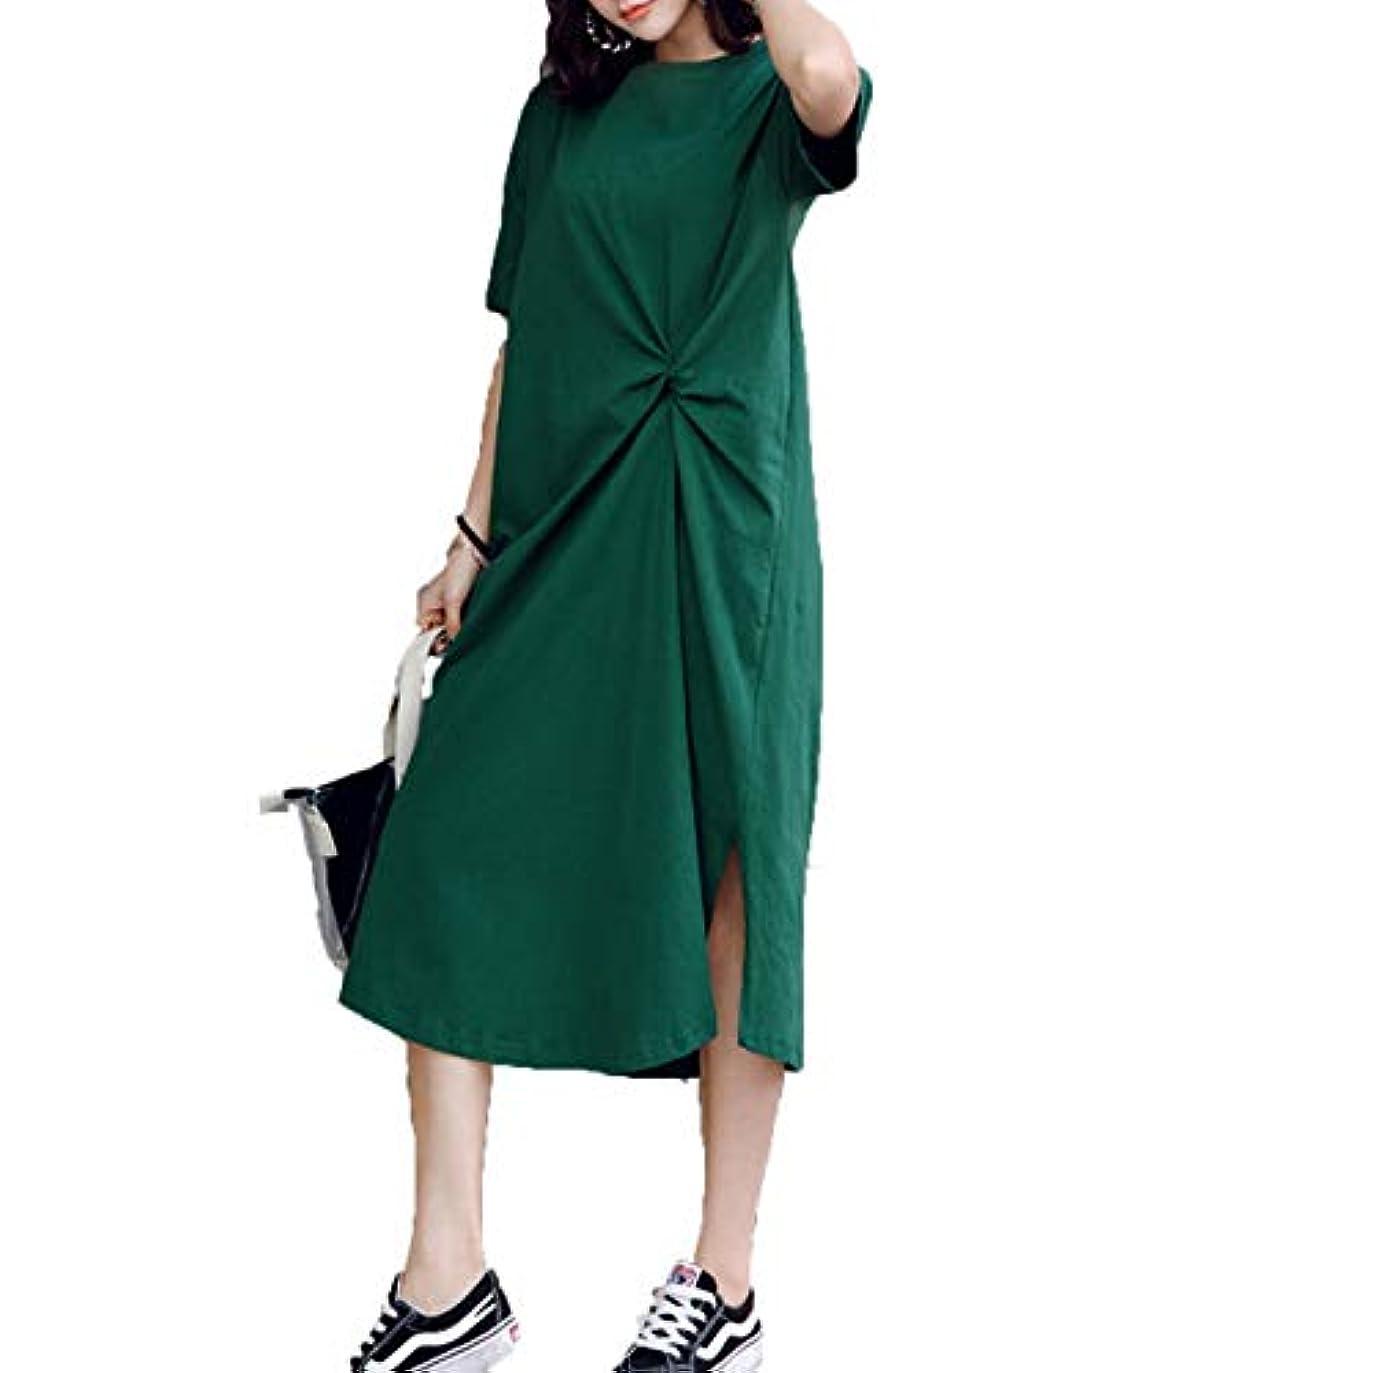 憲法エコー近傍[ココチエ] ワンピース 半袖 ロング 大きいサイズ おおきいサイズ おしゃれ ゆったり 体型カバー